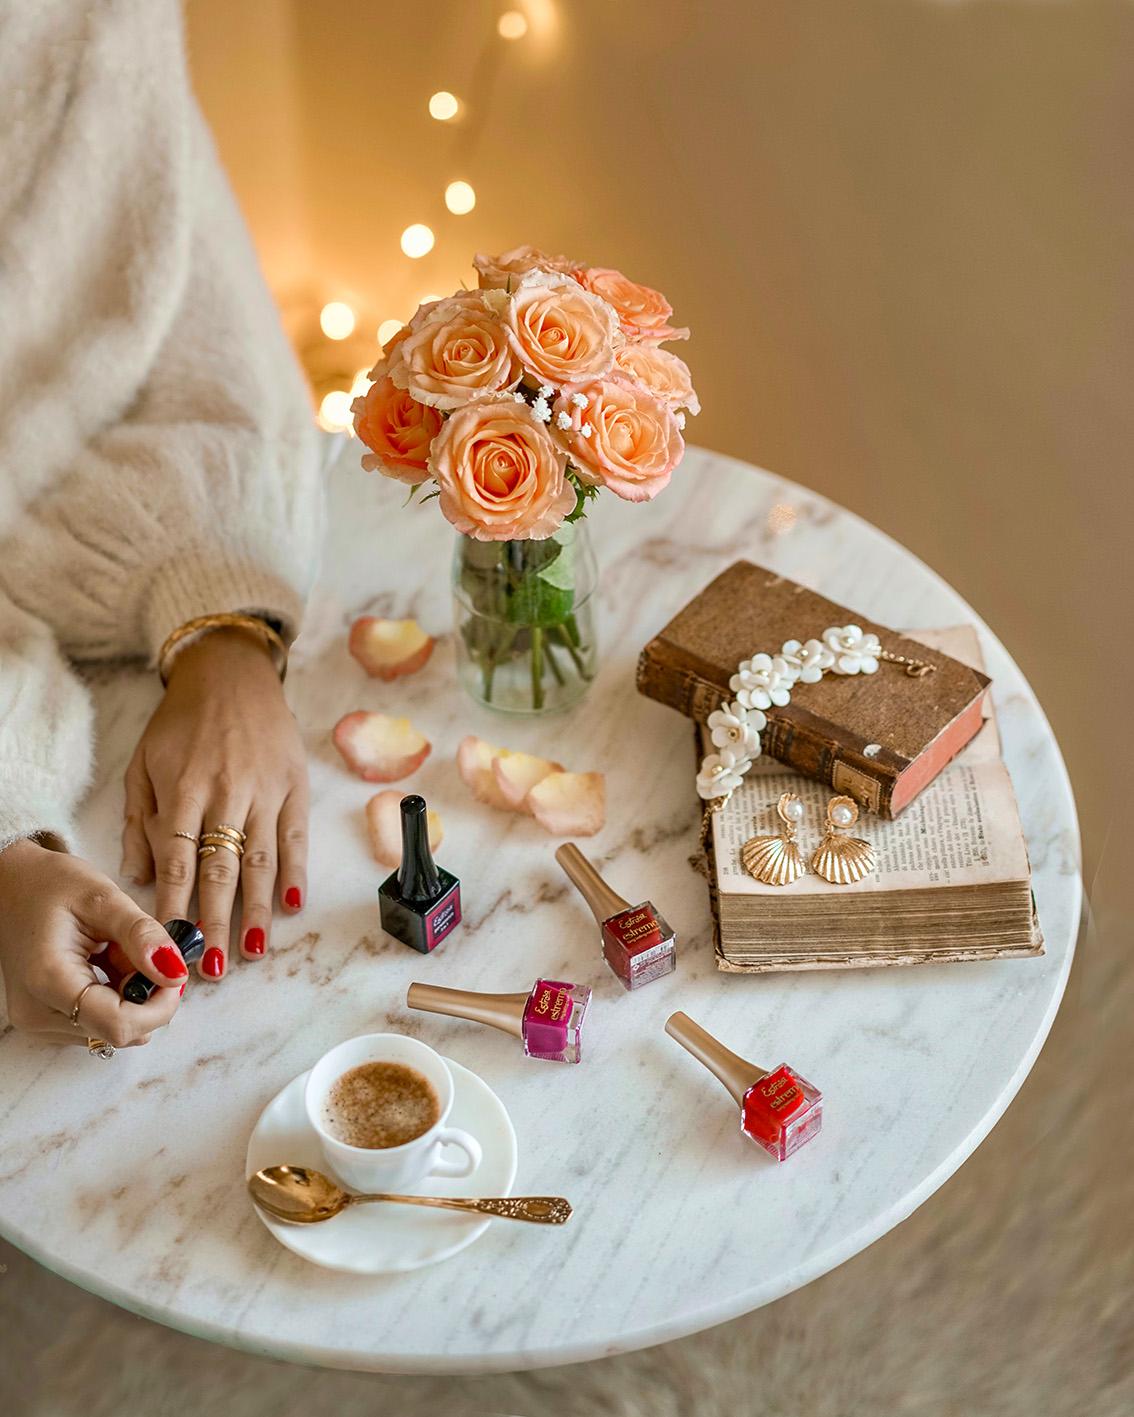 1 Come avere una manicure sempre perfetta? Vi svelo il mio segreto con Estrosa.